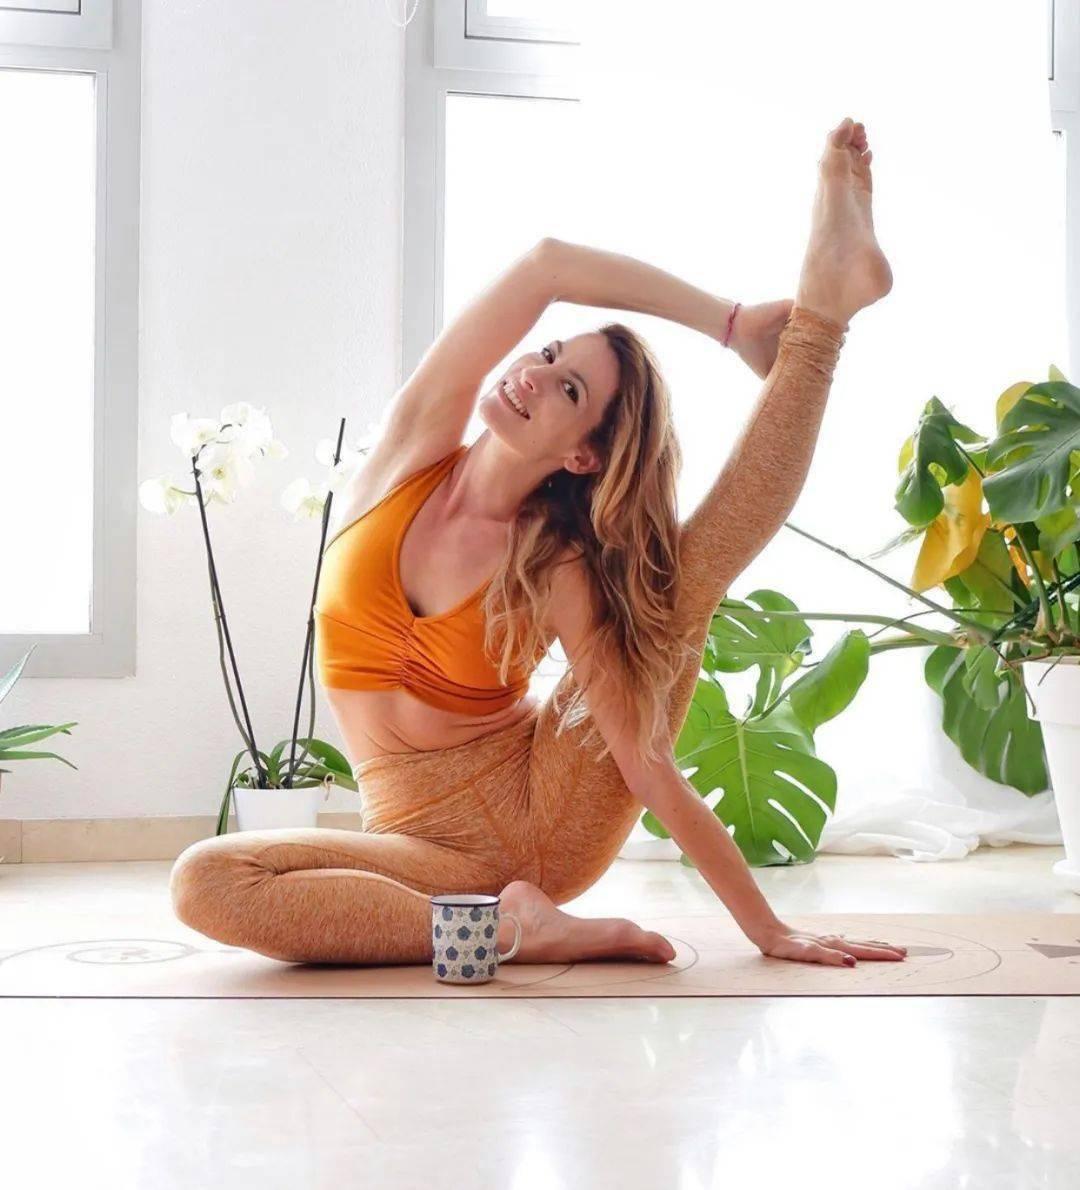 15分钟懒人无痛开髋序列,瑜伽开髋原来可以这样练!